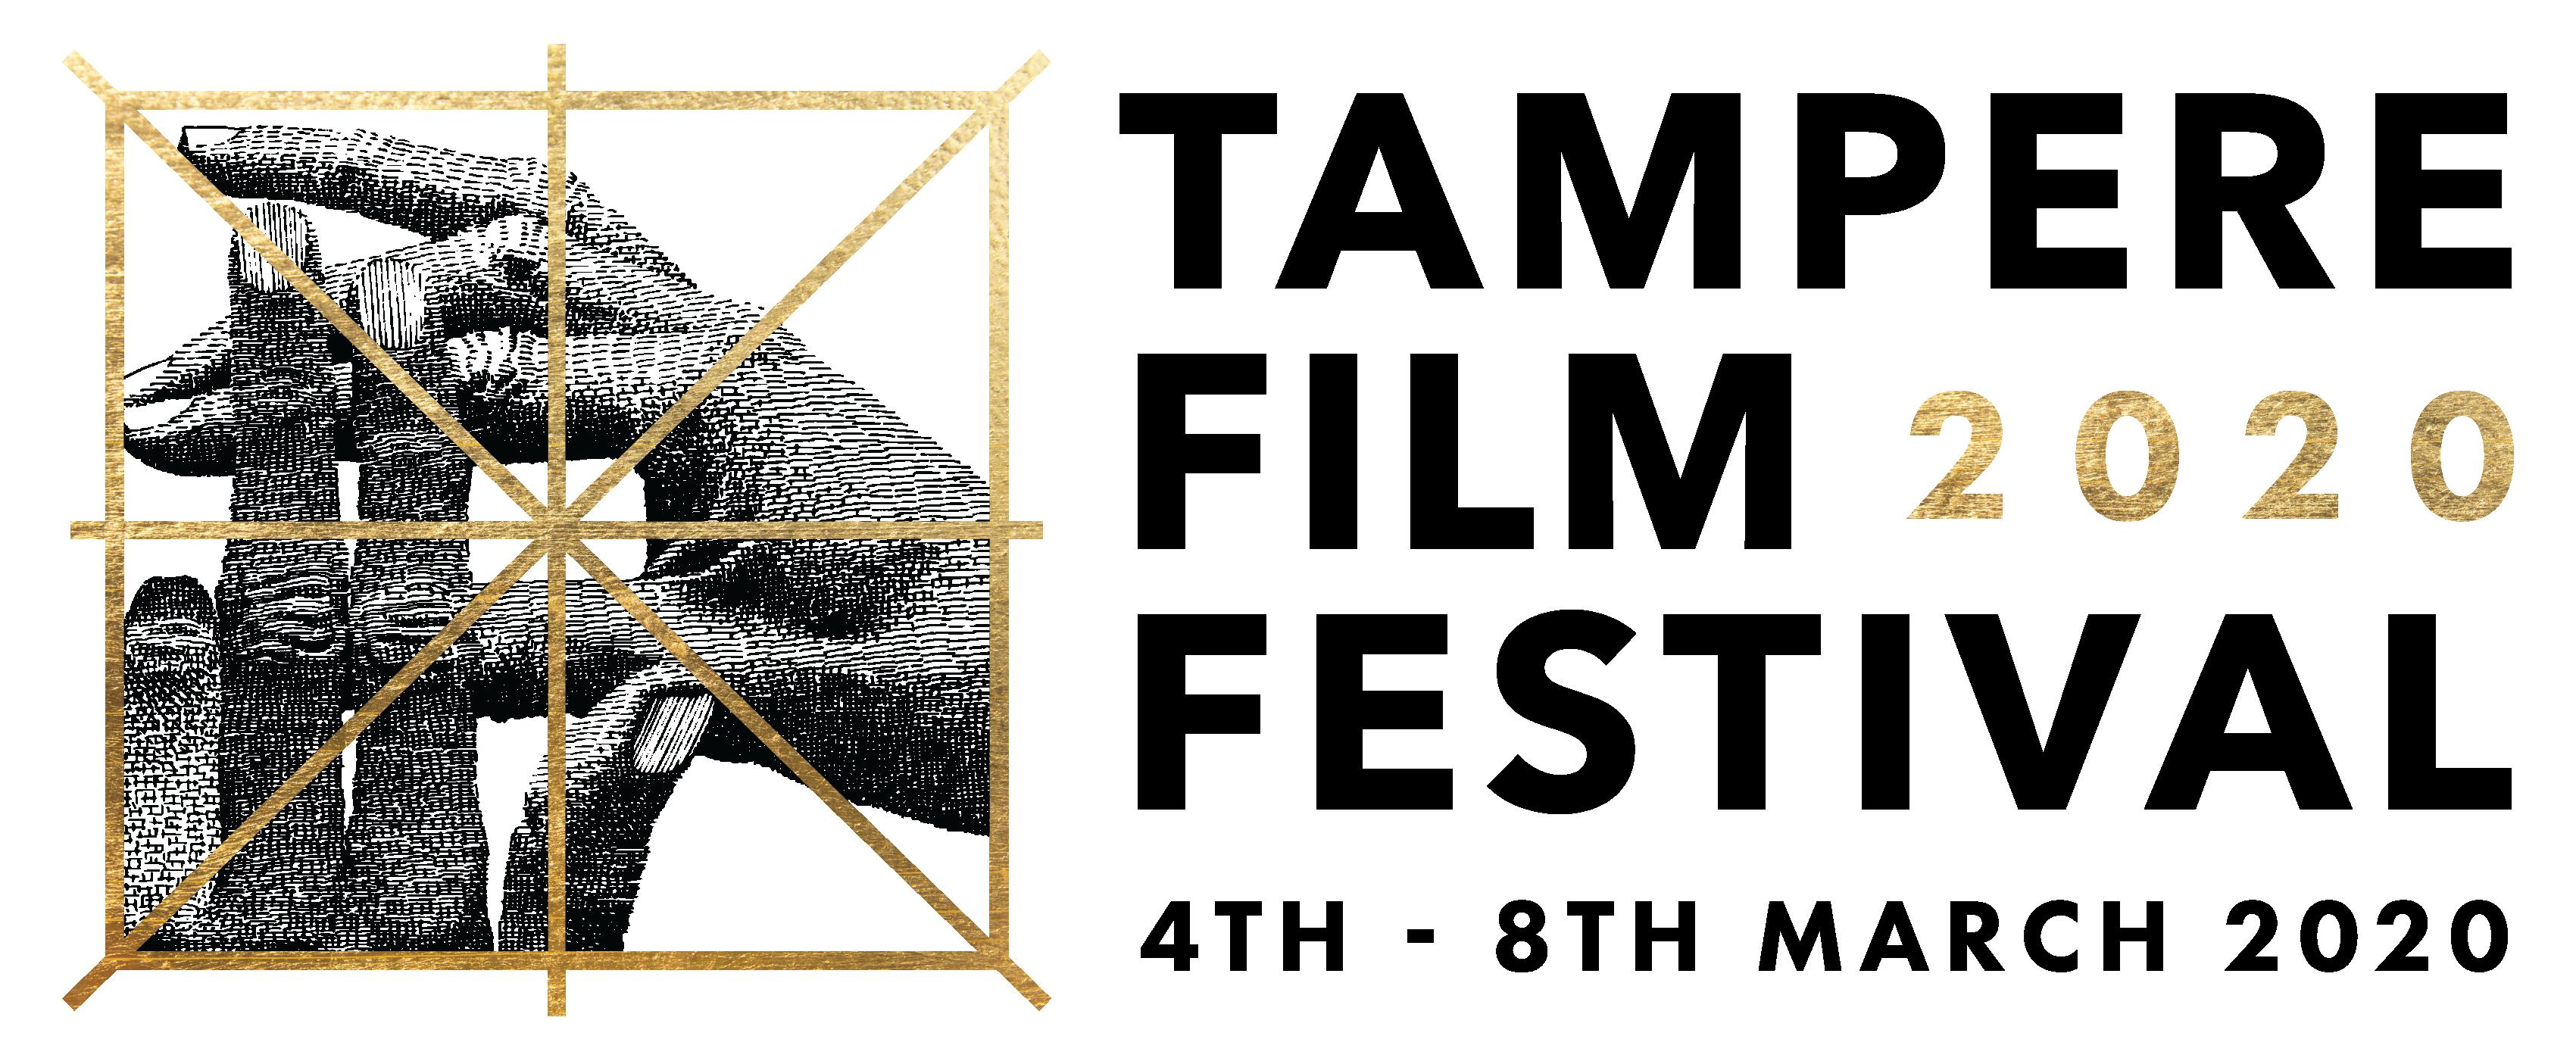 Tff logo mustakulta pvm